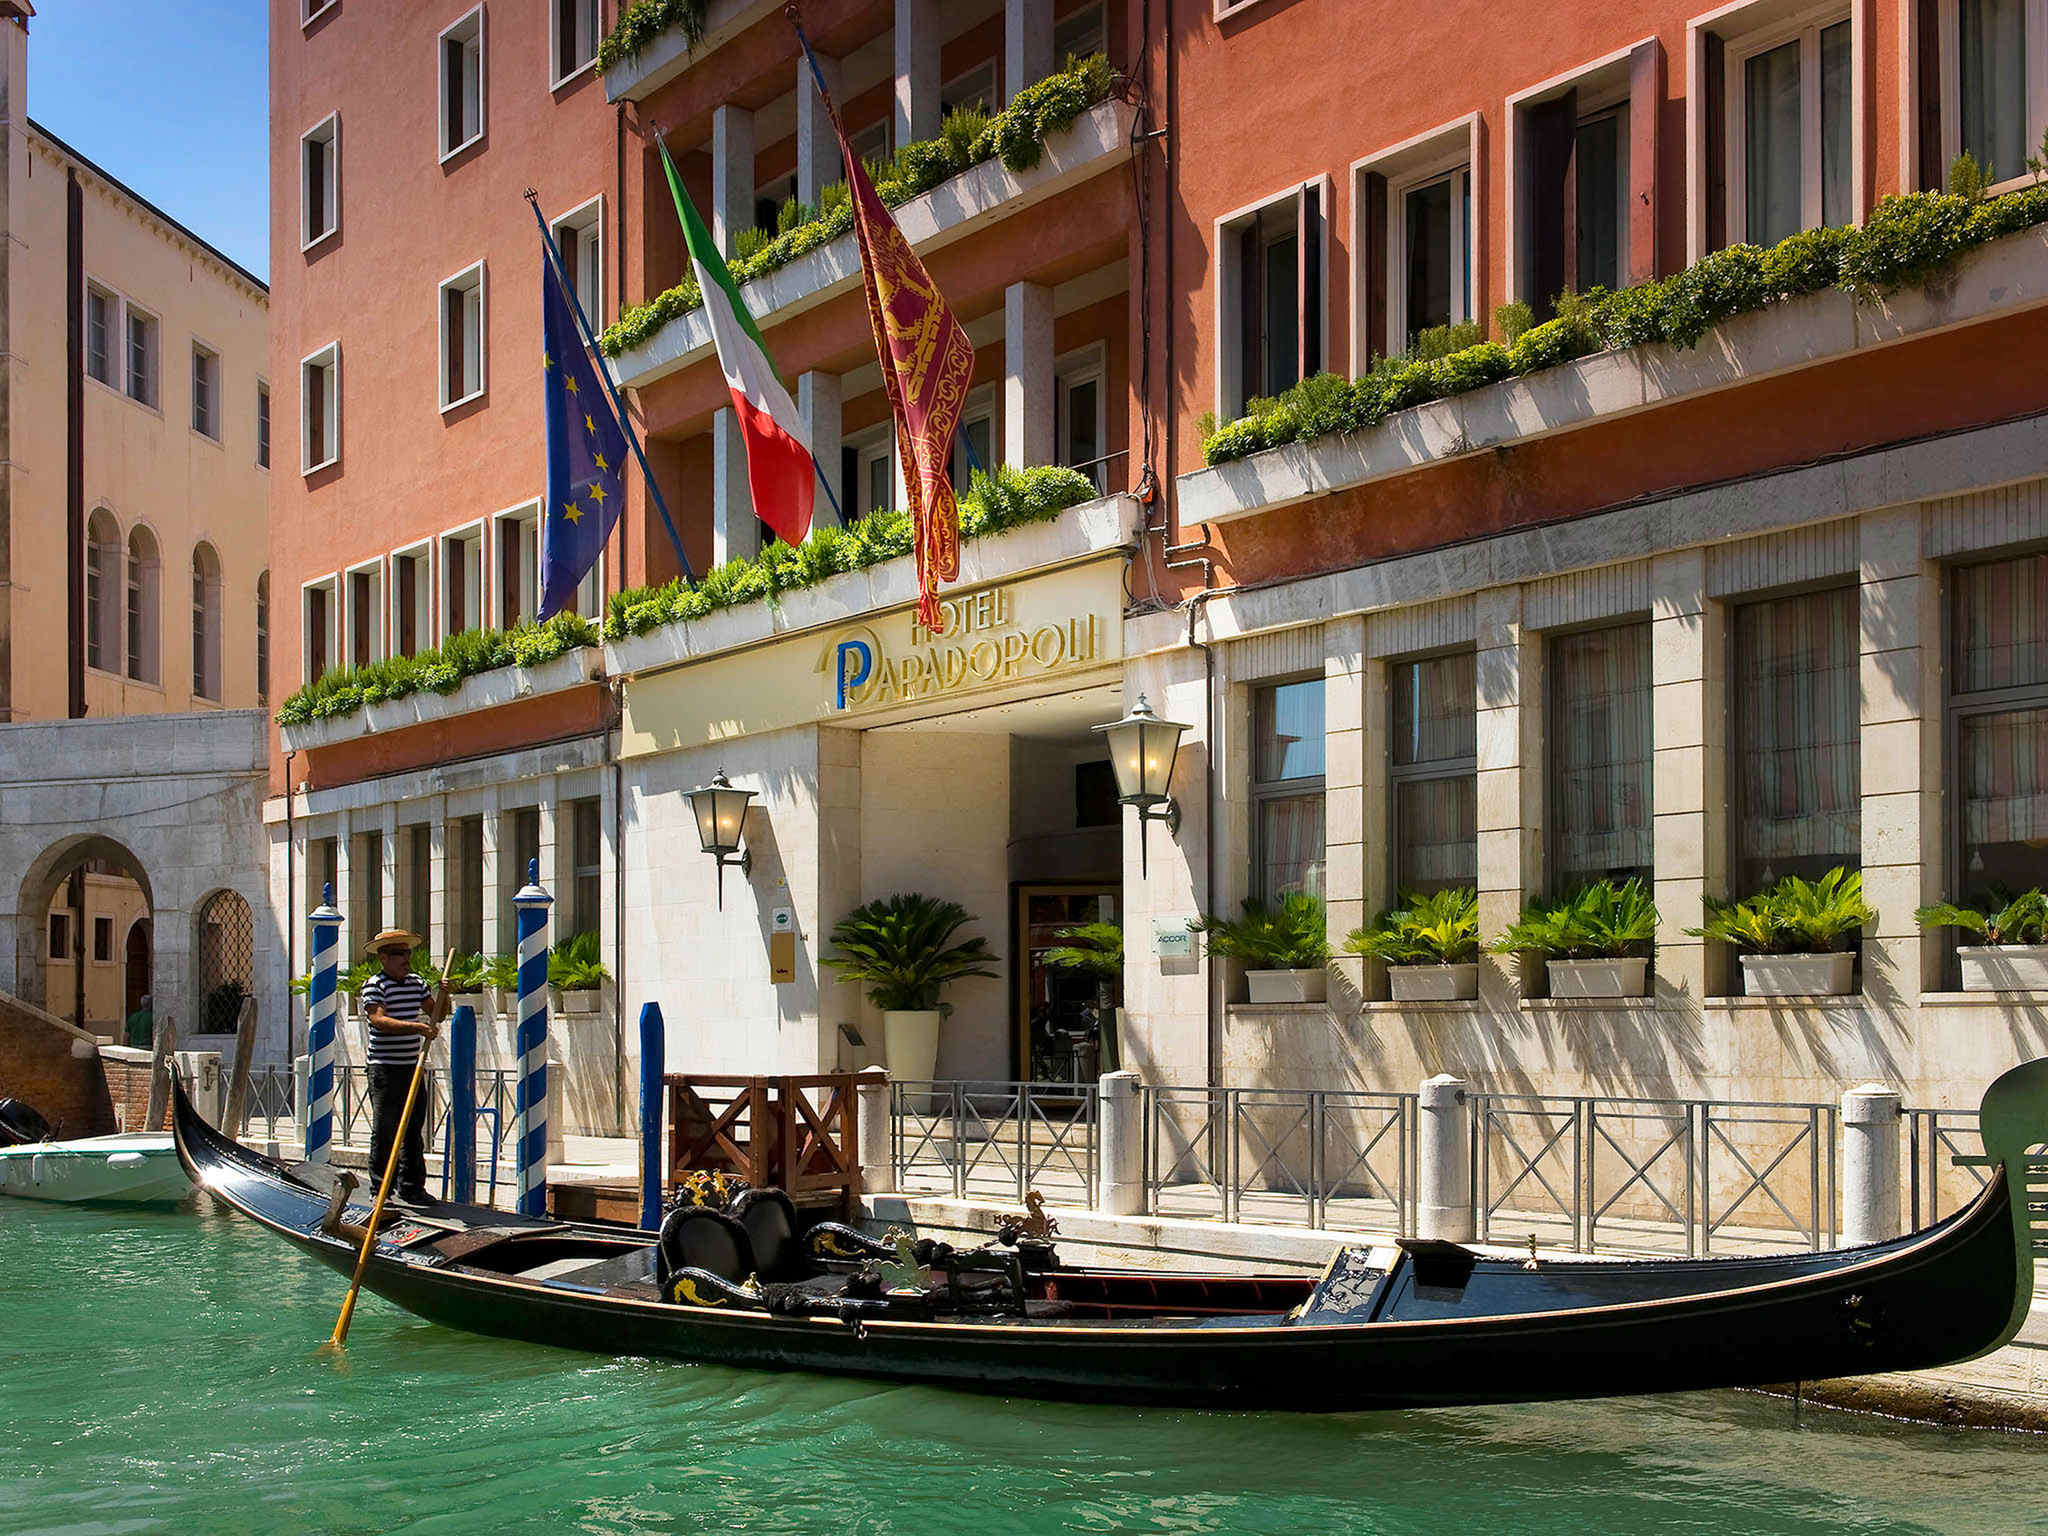 فندق - Hotel Papadopoli Venezia - MGallery by Sofitel